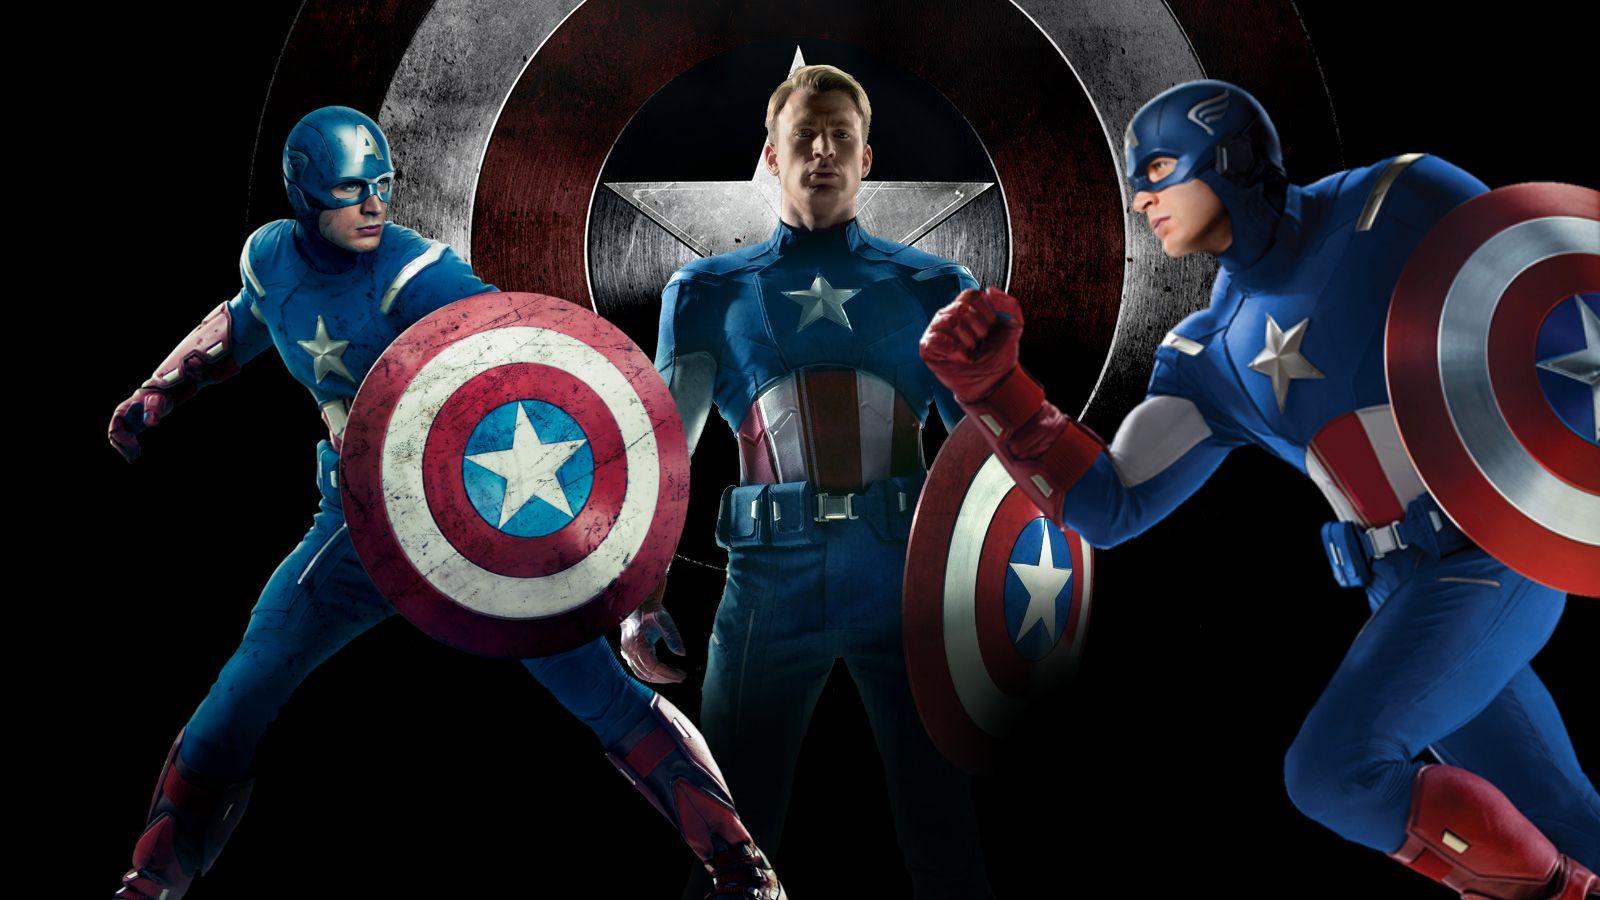 Best Of Captain America Civil War iPhone Wallpaper di 2020